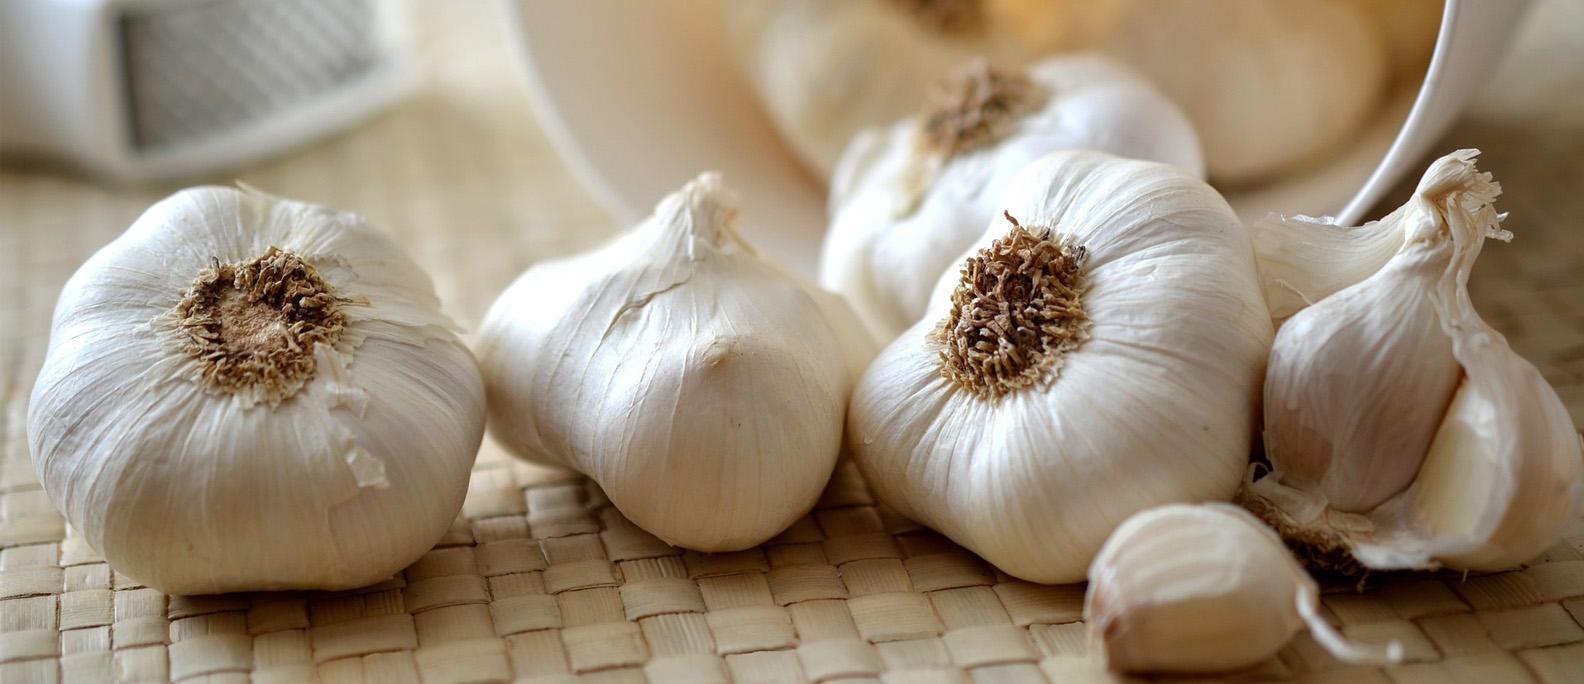 Shop Garlic